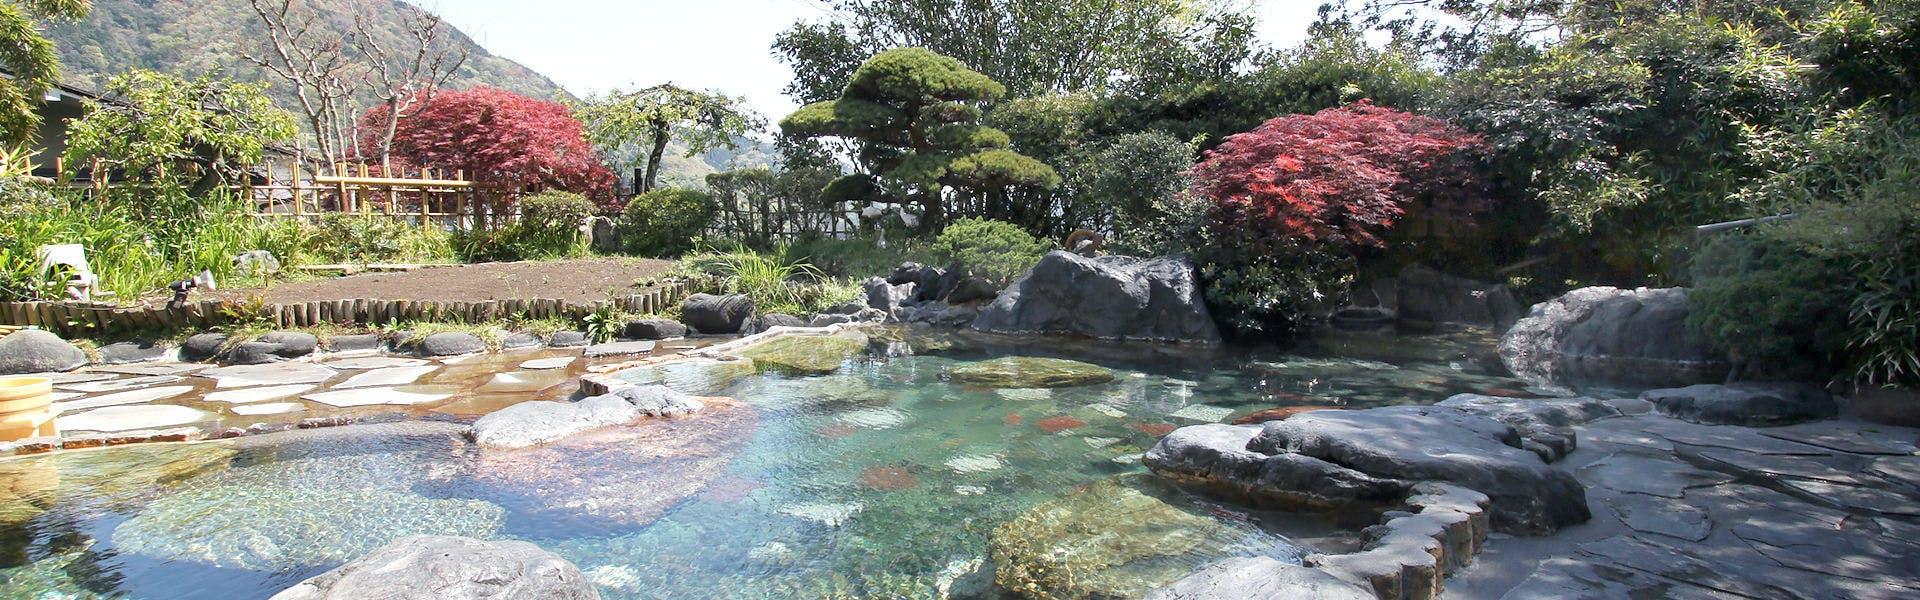 記念日におすすめのホテル・温泉旅館 湯さか荘の写真1